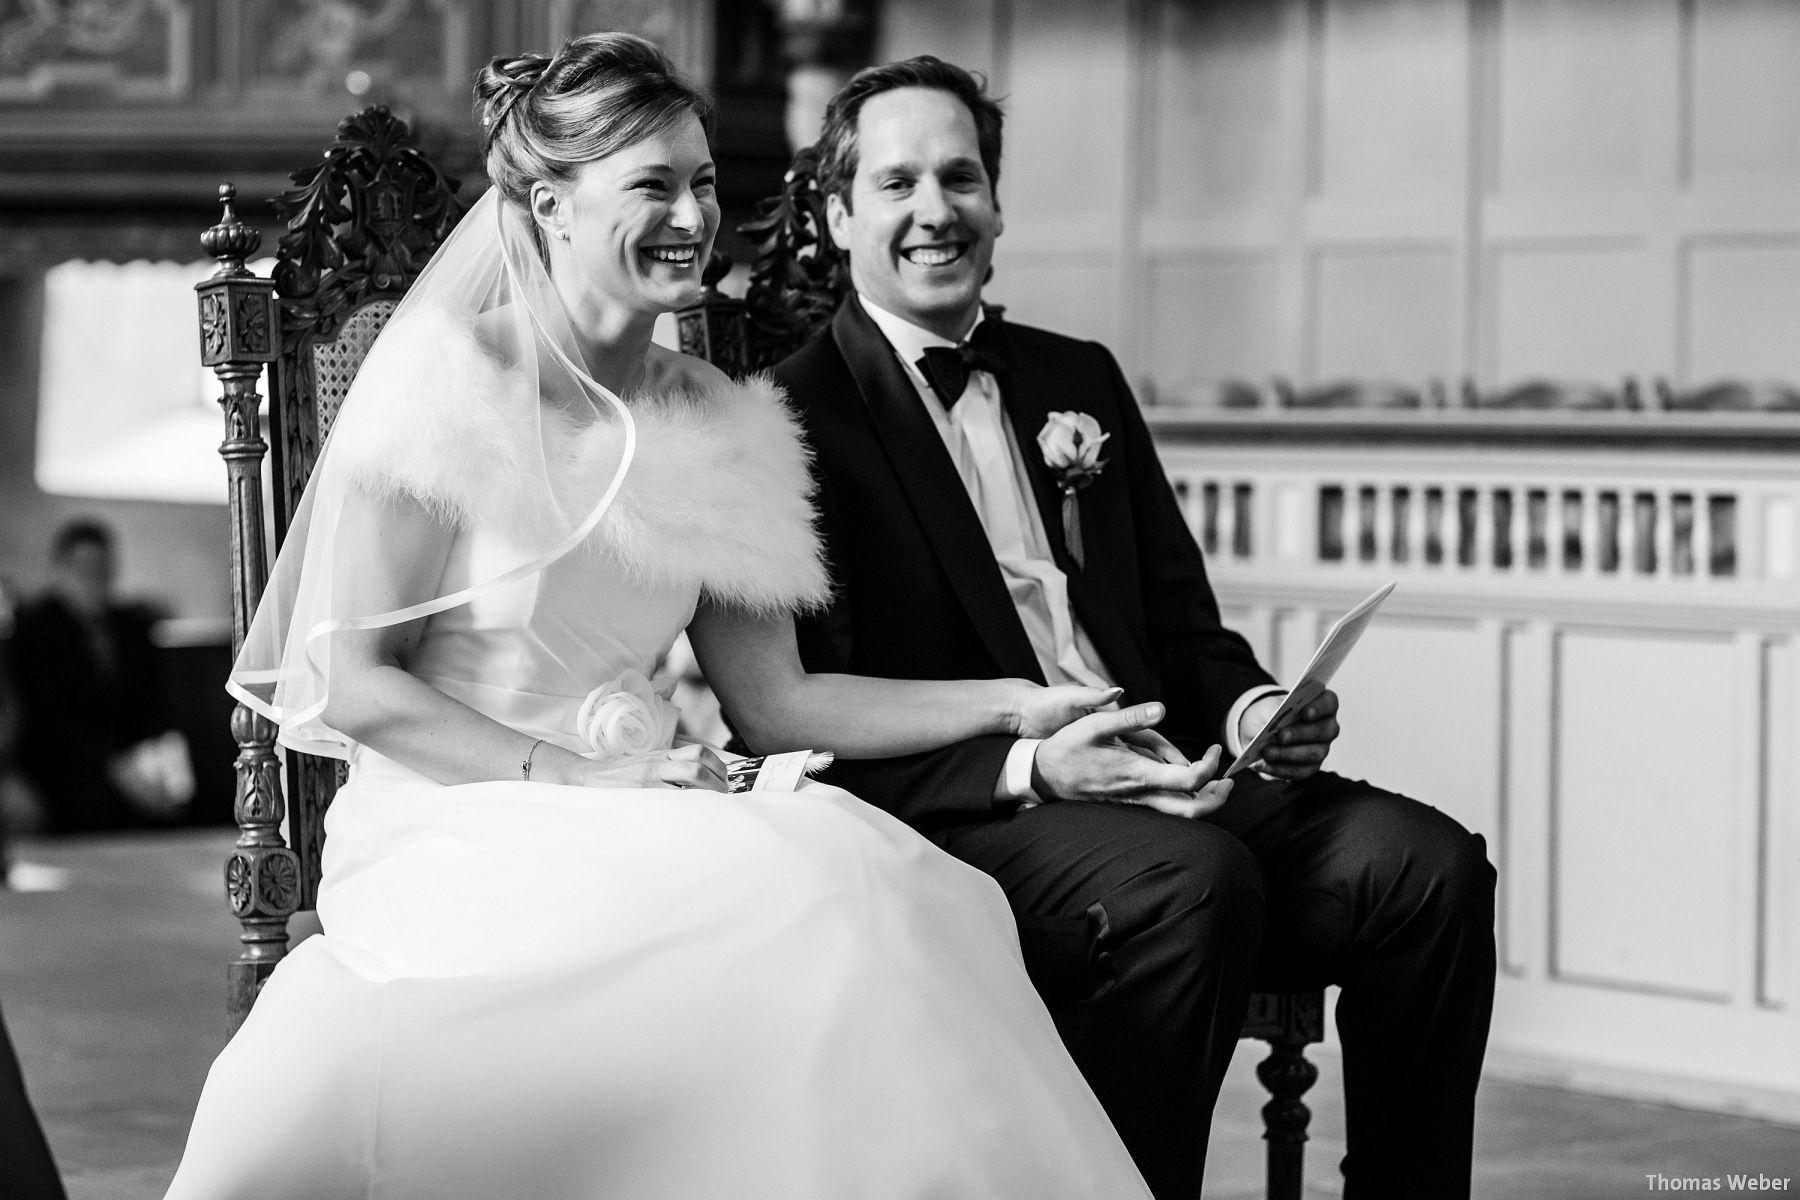 Hochzeitsfotograf Rastede: Kirchliche Trauung in der St. Ulrichs Kirche Rastede und Hochzeitsfeier in der Eventscheune St Georg Rastede mit dem Catering von Michael Niebuhr aus Oldenburg (25)